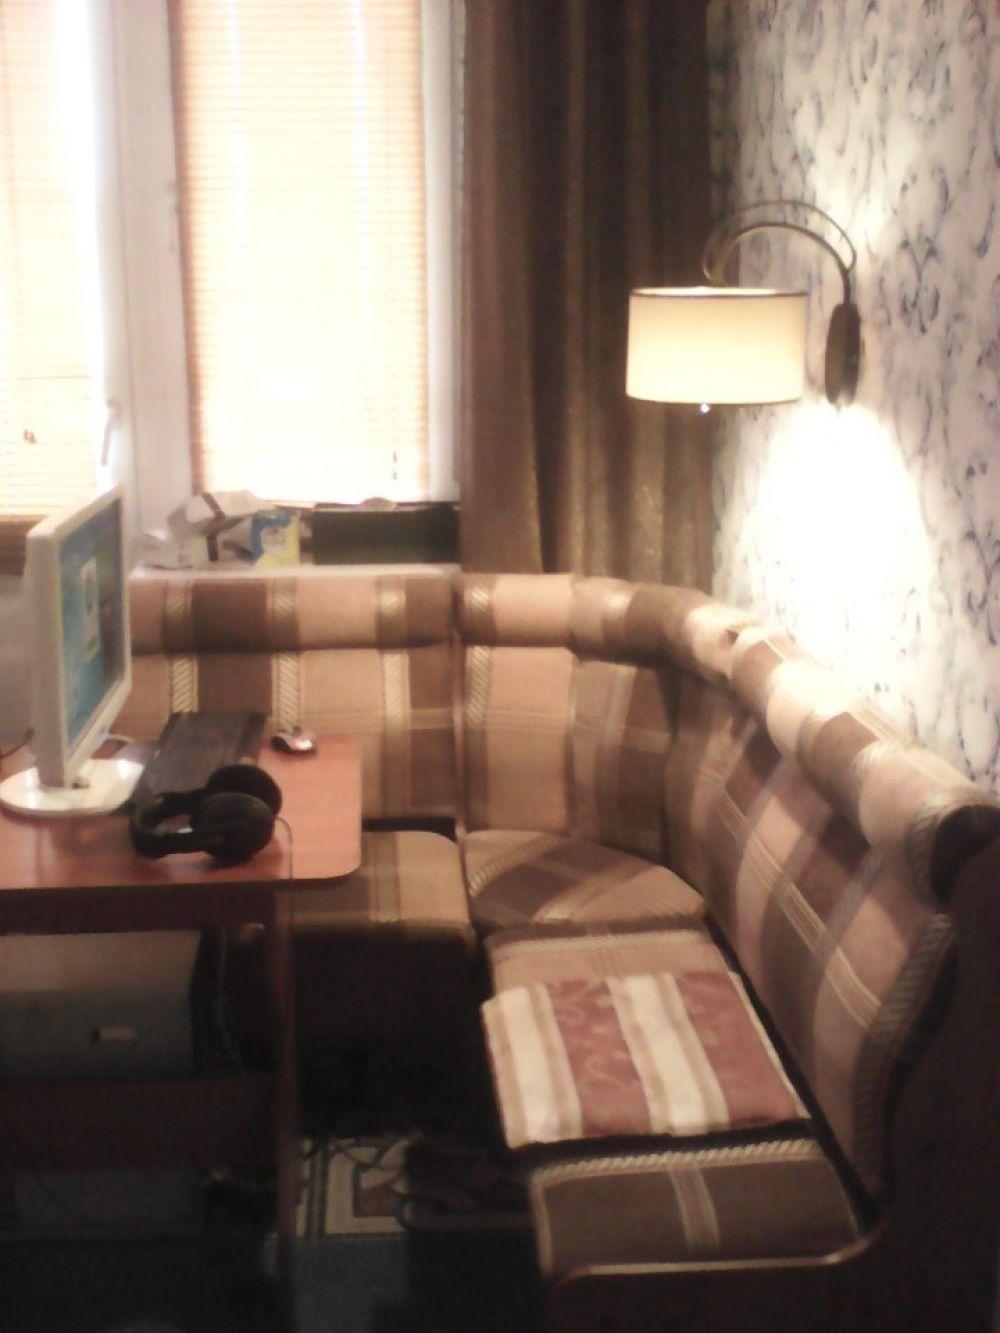 Однокомнатная квартира  37 м2, Богородский мкр дом 7 г. Щелково, фото 3